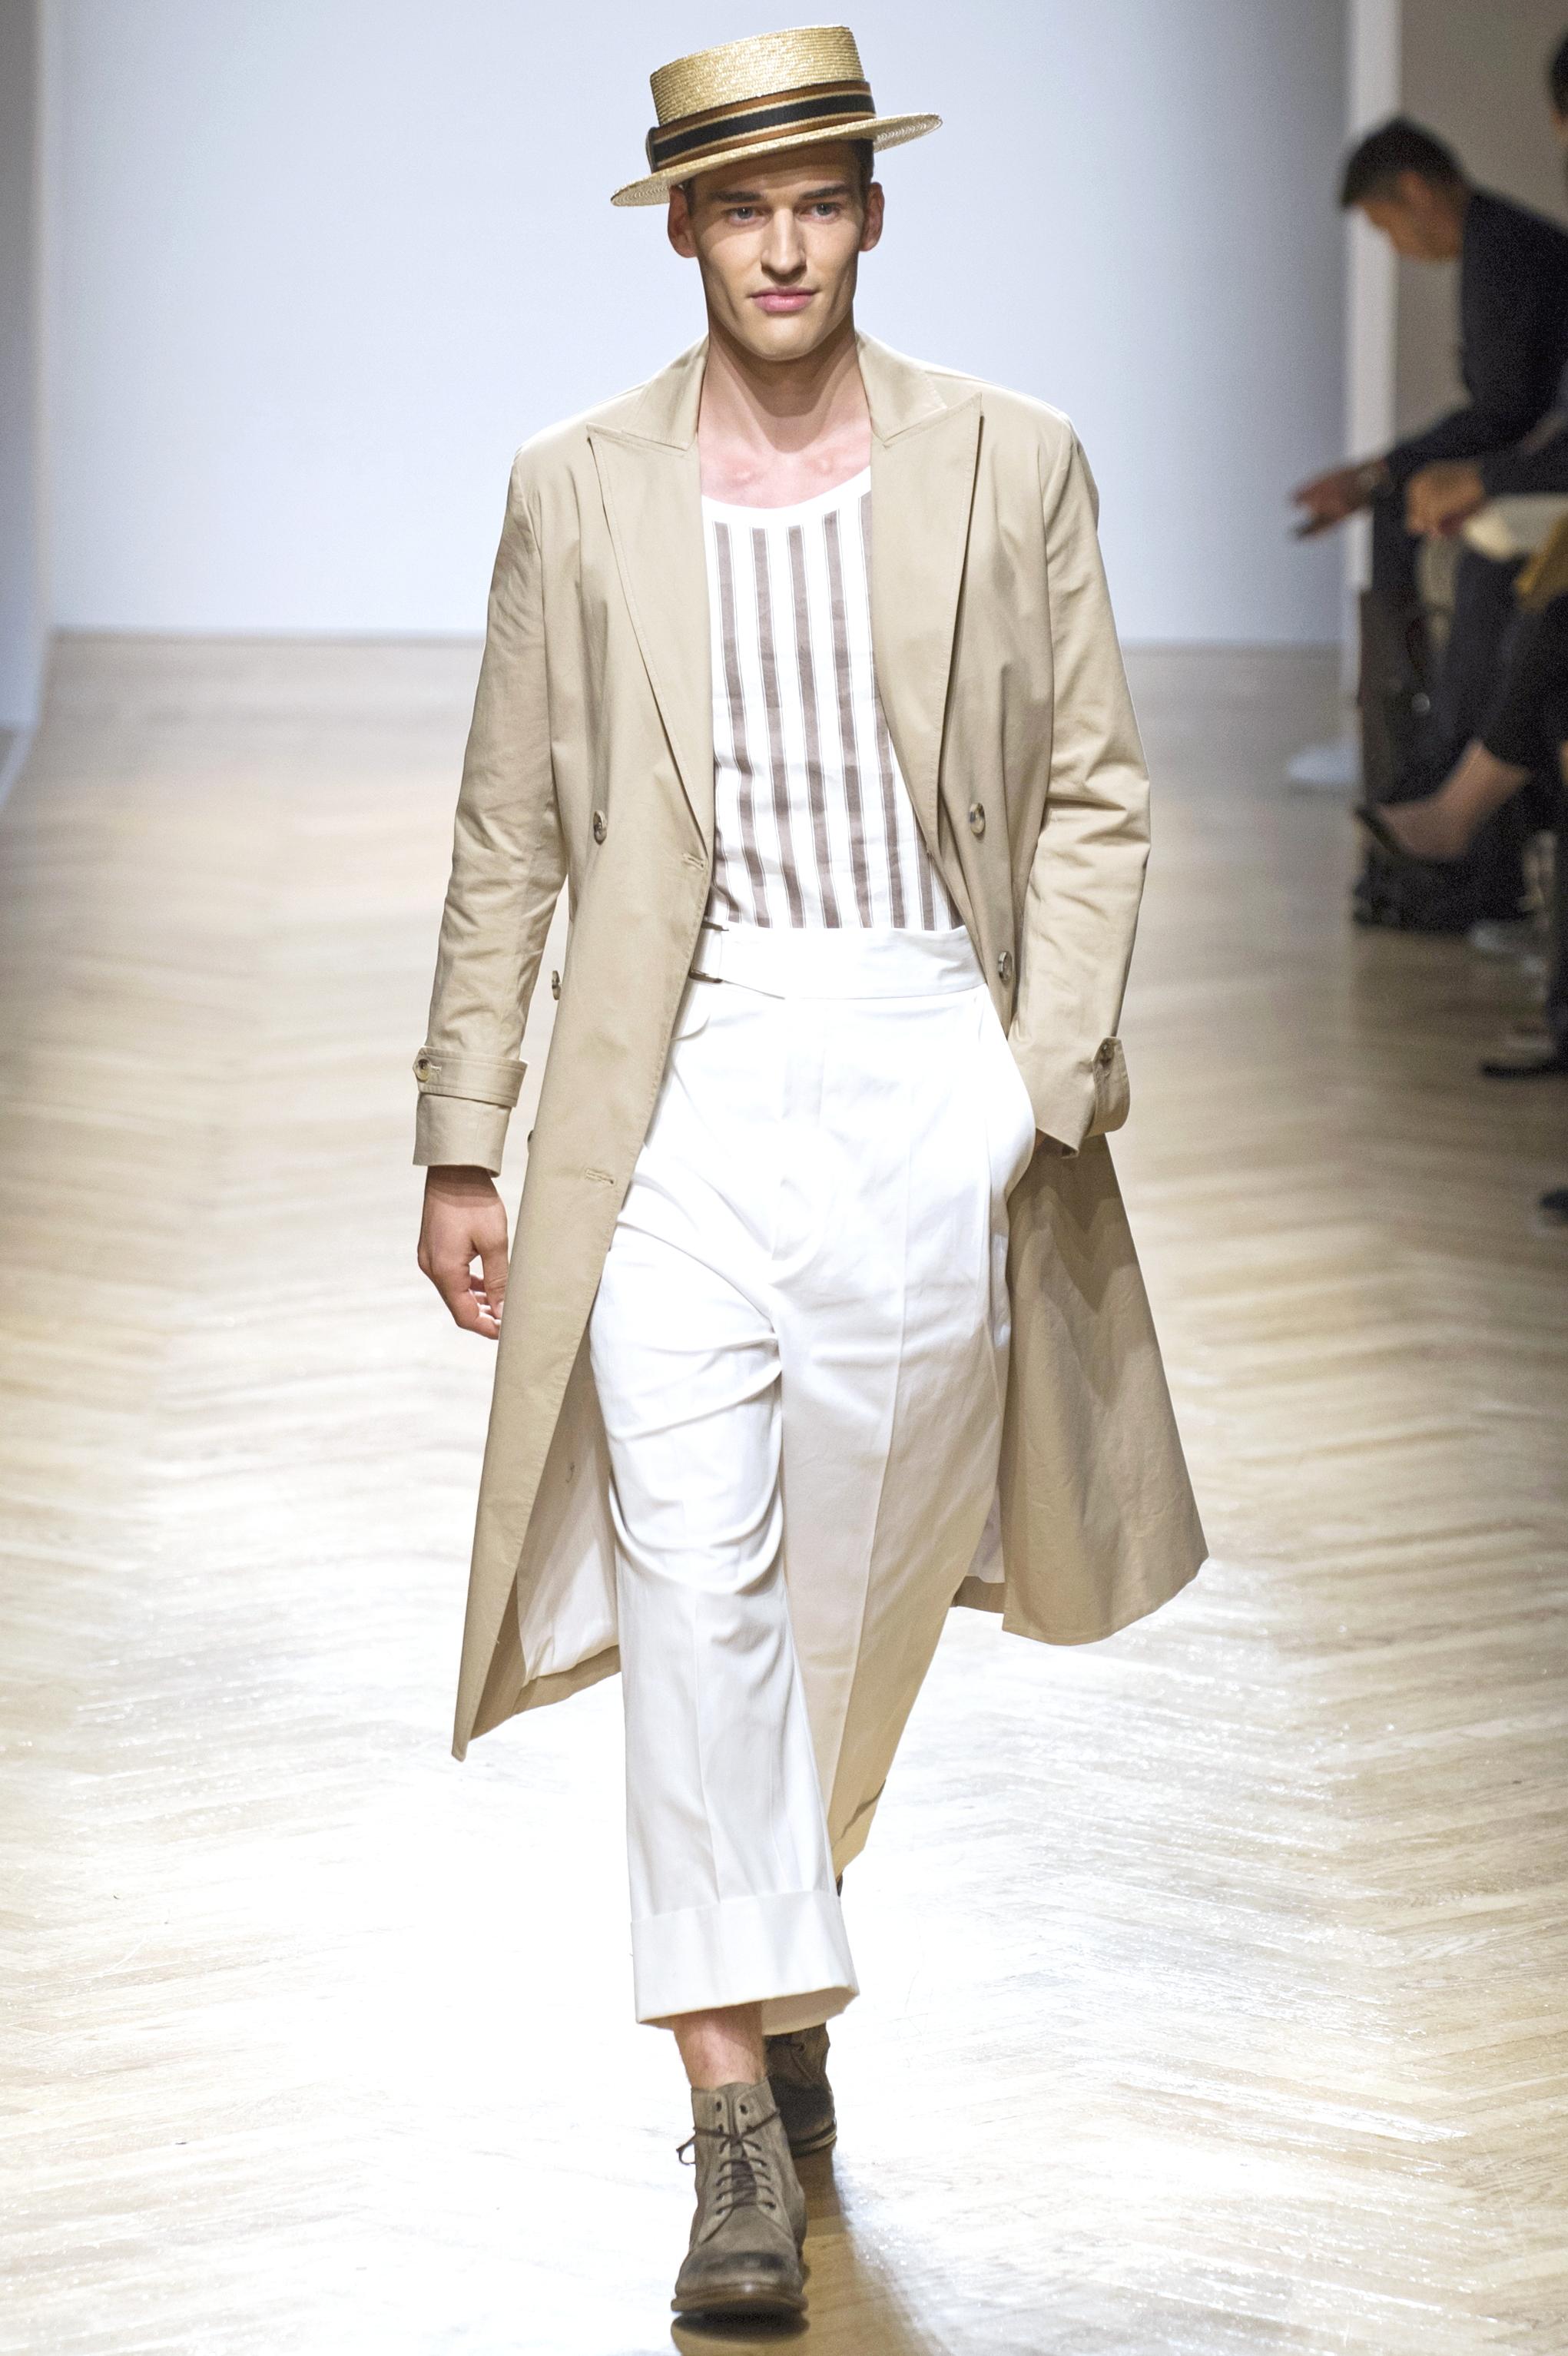 Milan Men's Fashion Week Spring/ Summer 2018: Weiße High Rise-Hose in der Show von Daks